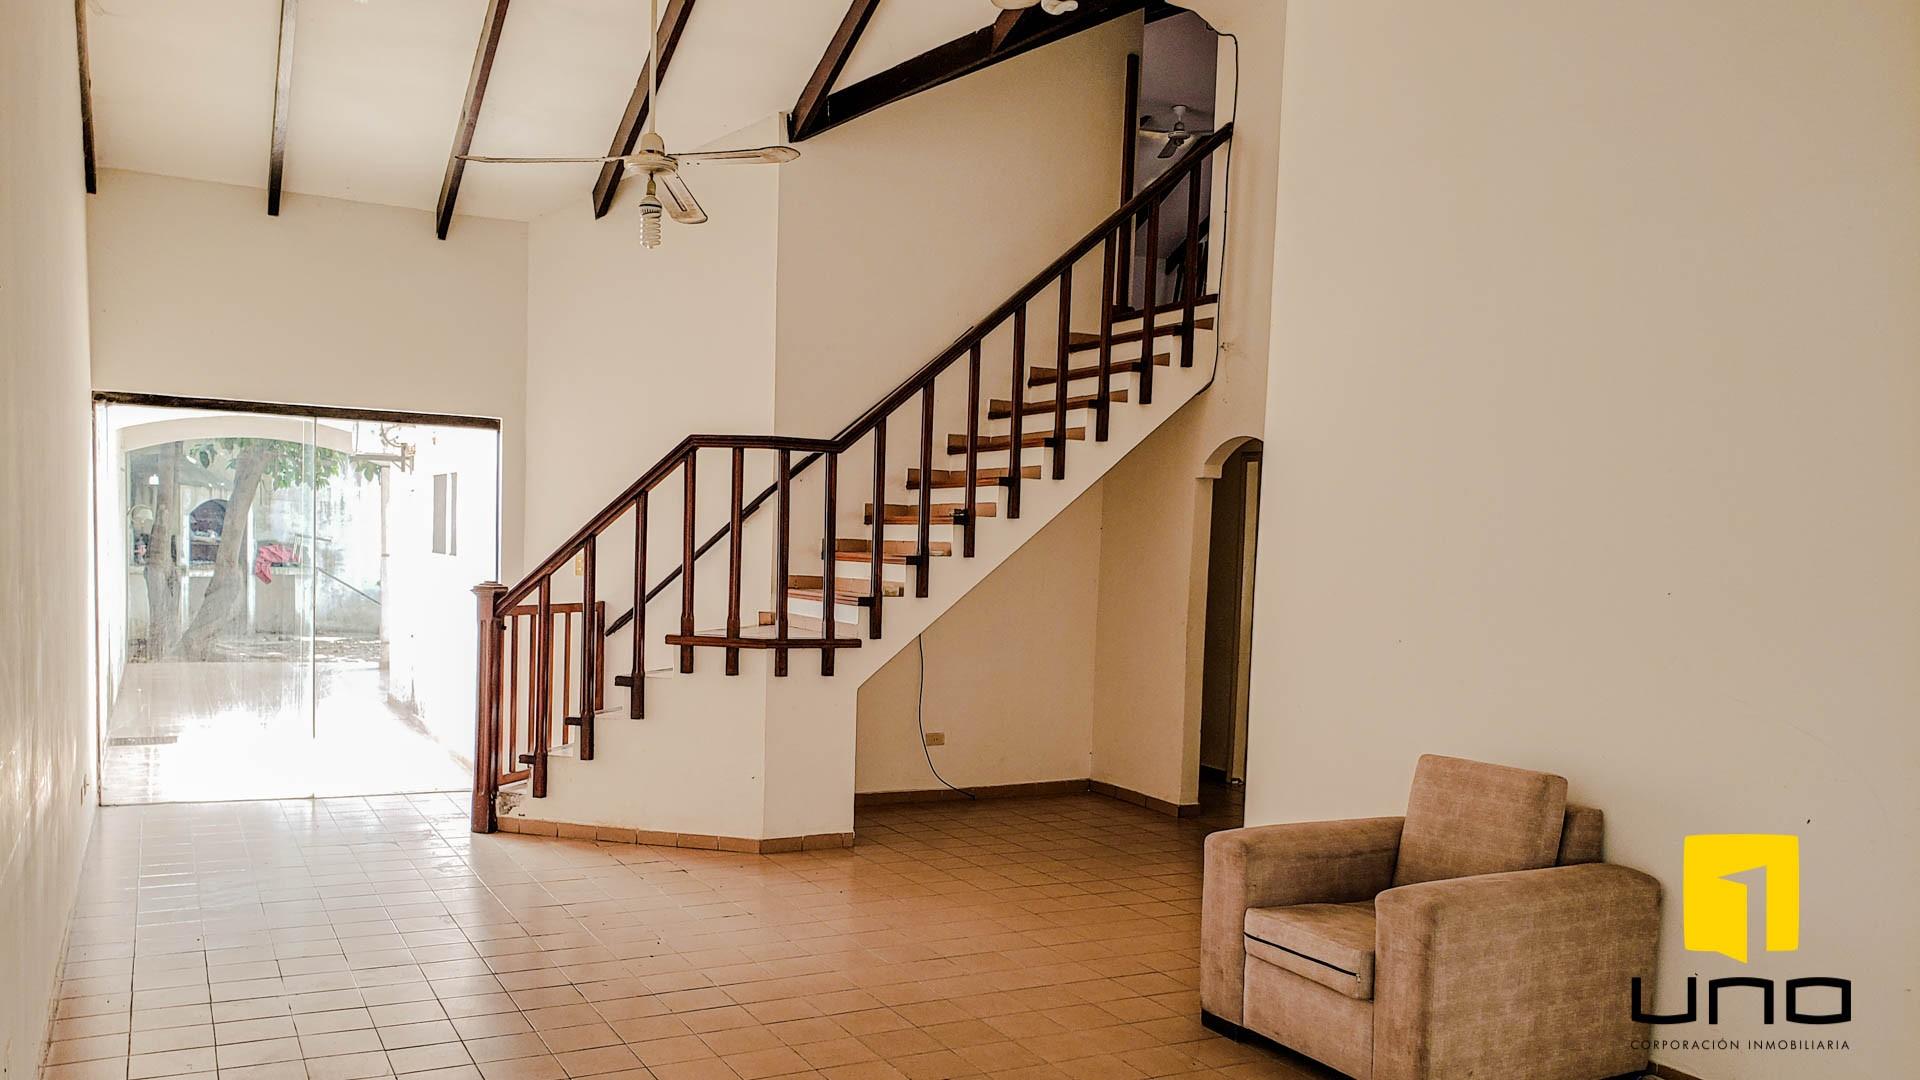 Casa en Venta $us 260.000 VENDO CASA BARRIO LAS PALMAS Foto 16